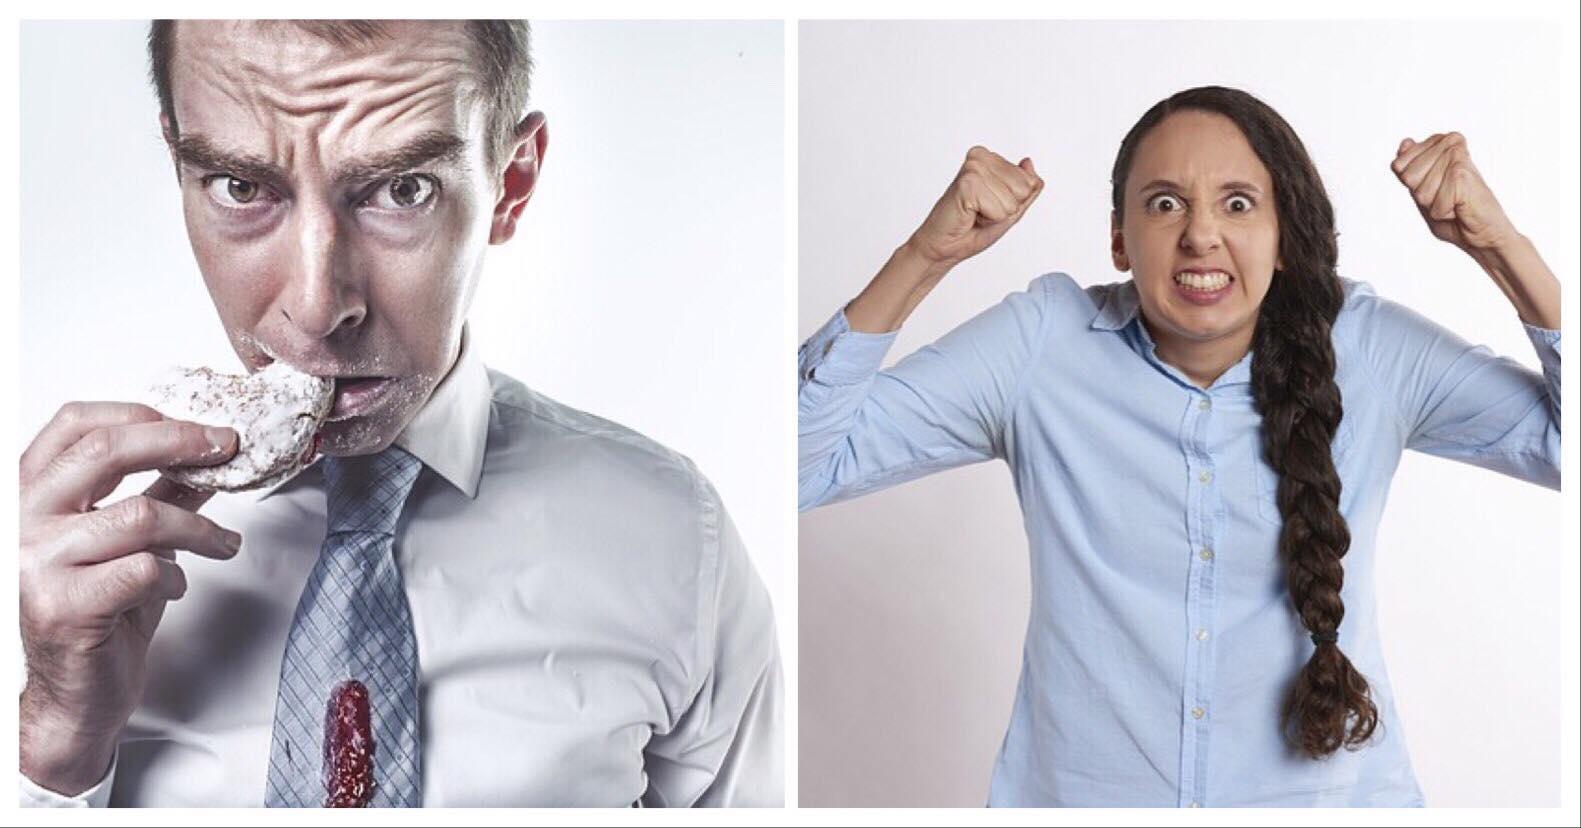 Forskning: bliver du irriteret når folk smasker? - så har du muligvis denne diagnose